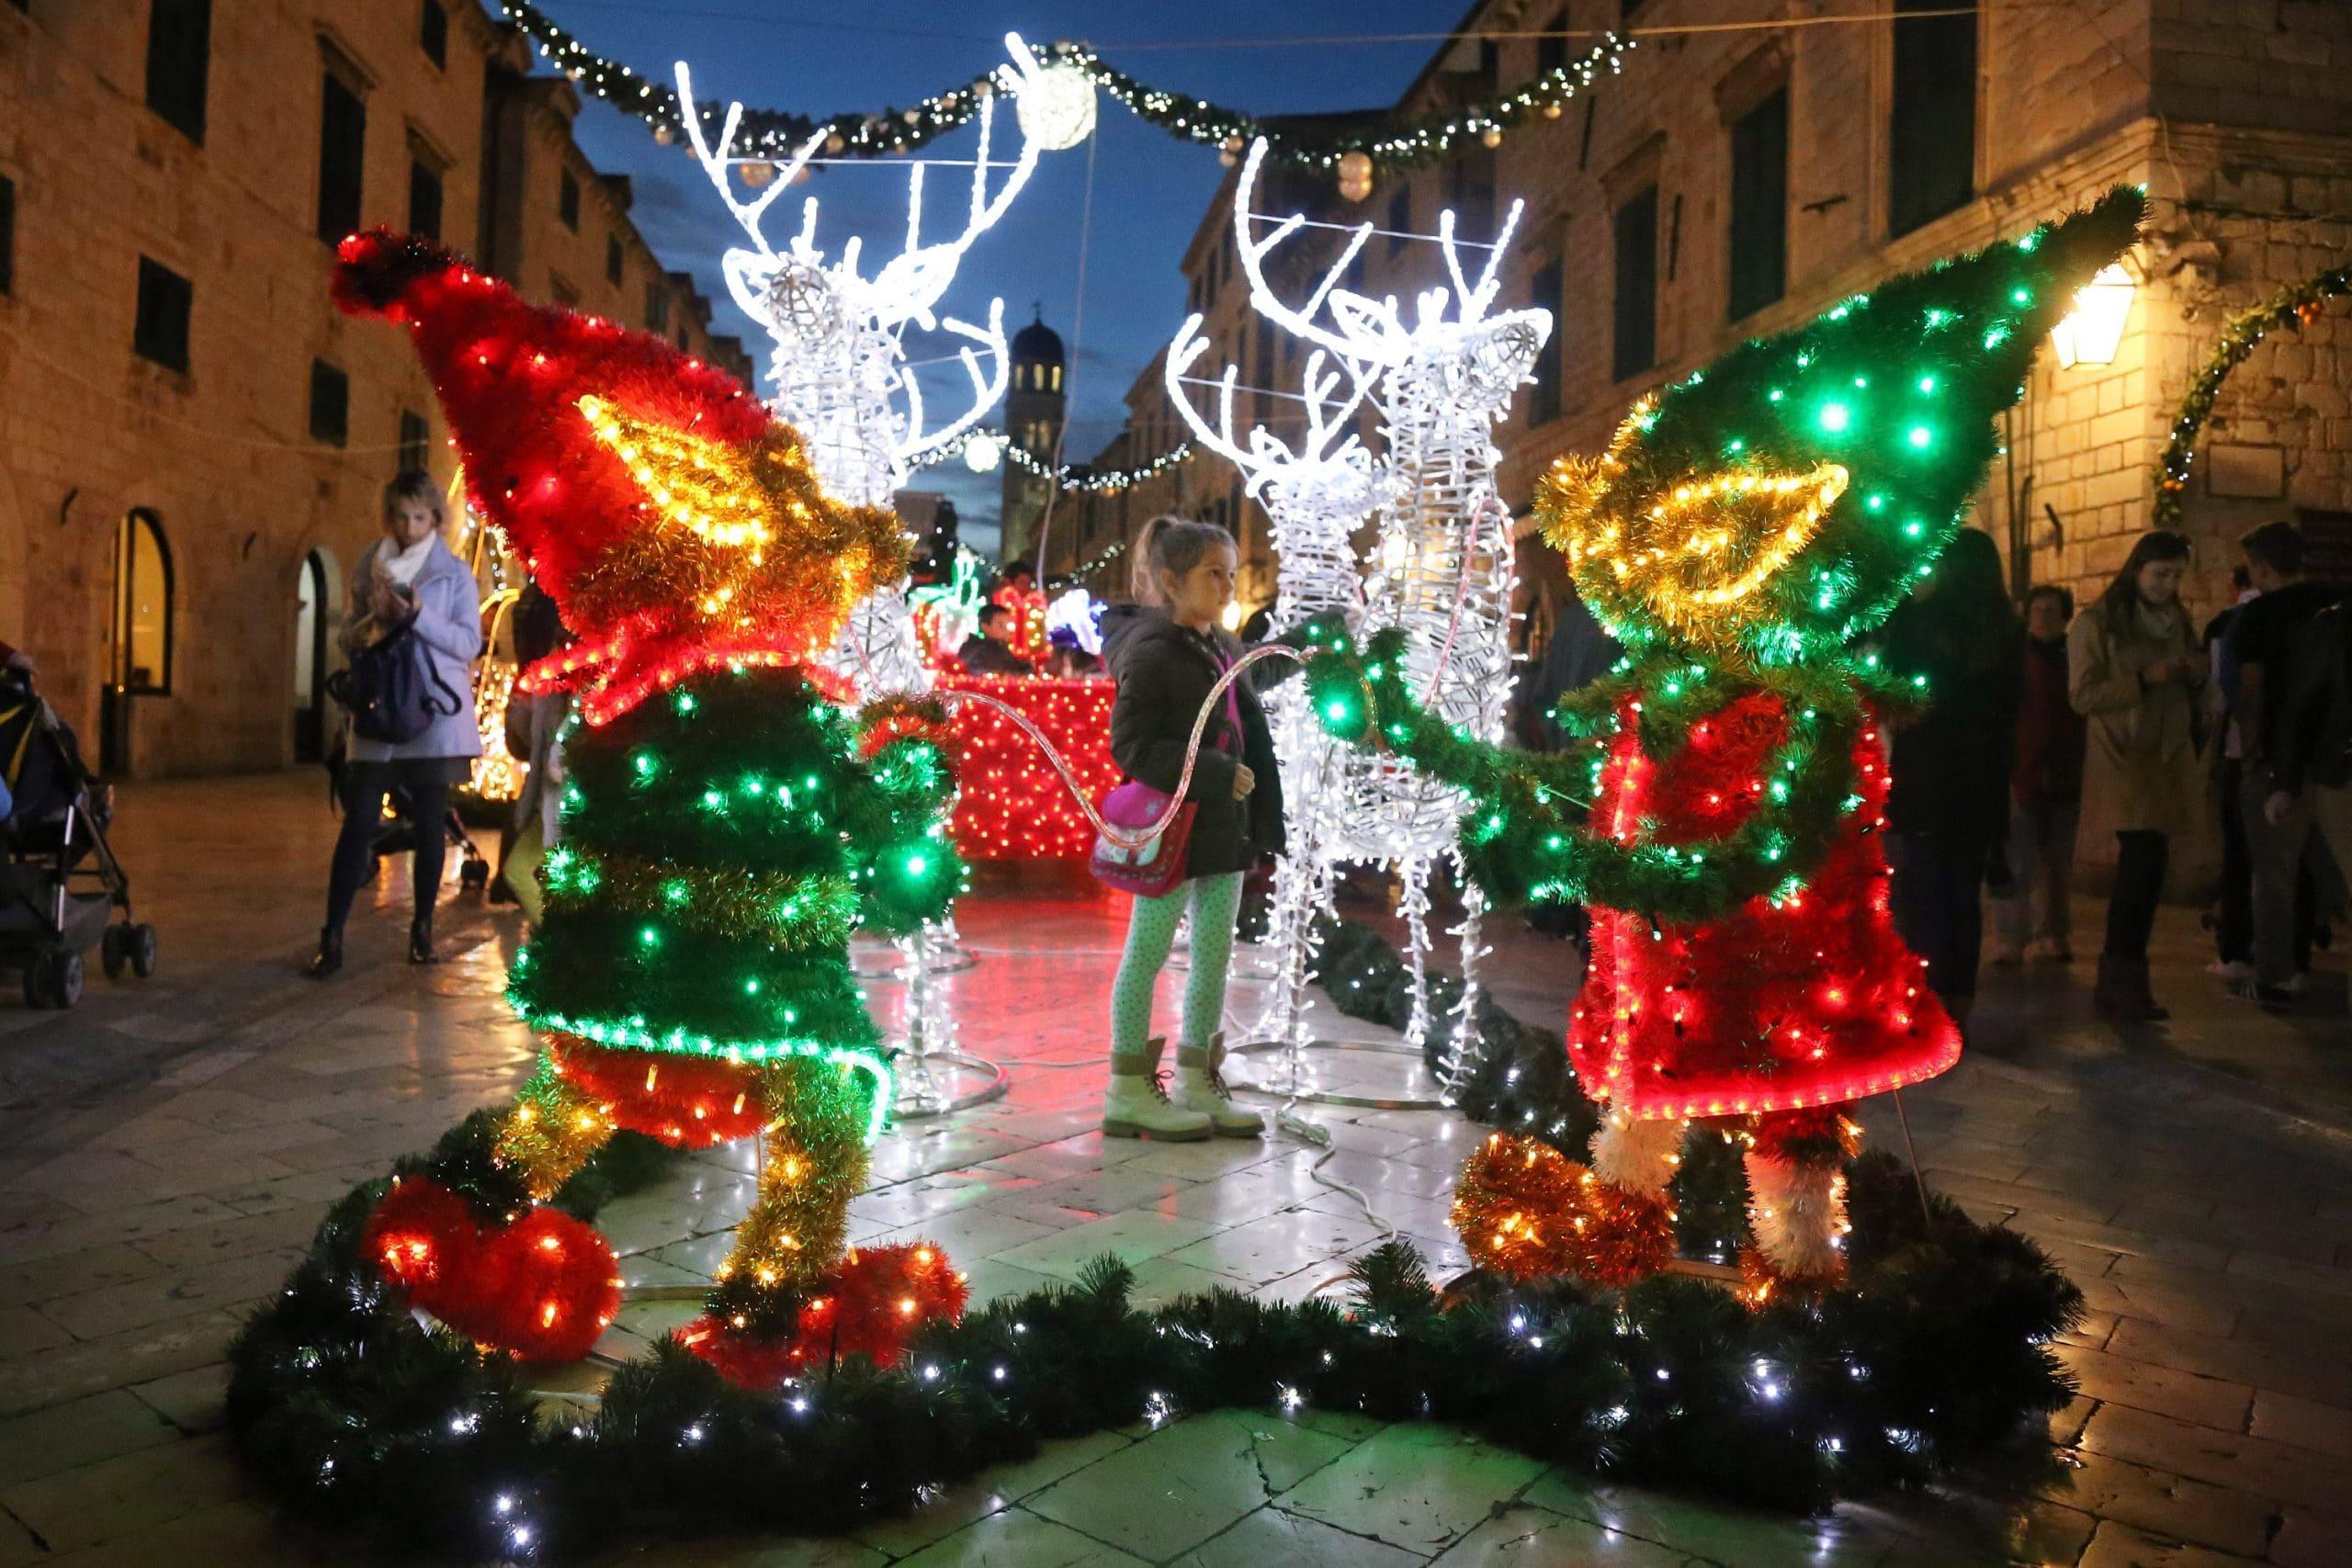 Navidad en dubrovnik disfruta de la navidad en dubrovnik - Fotos de decoraciones de navidad ...